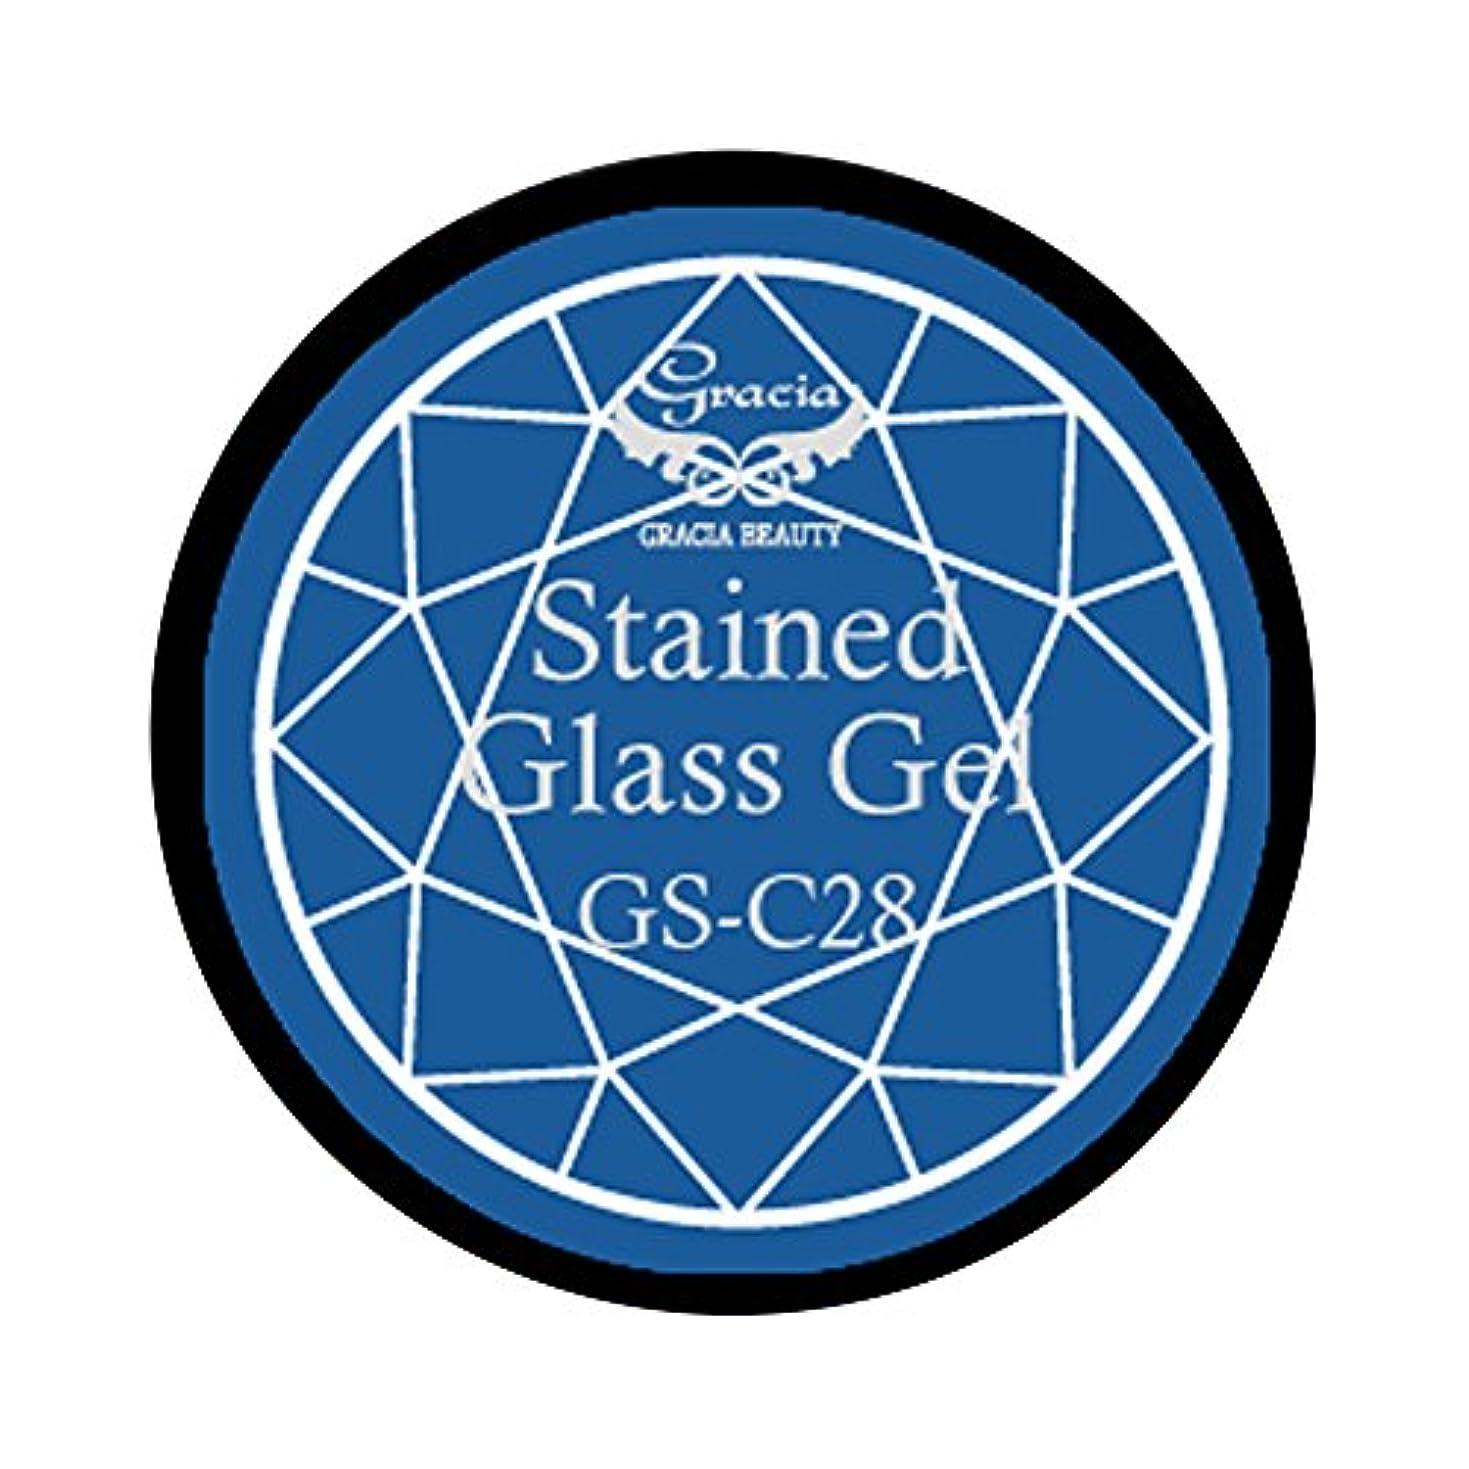 それに応じてファシズム囲いグラシア ジェルネイル ステンドグラスジェル GSM-C28 3g  クリア UV/LED対応 カラージェル ソークオフジェル ガラスのような透明感